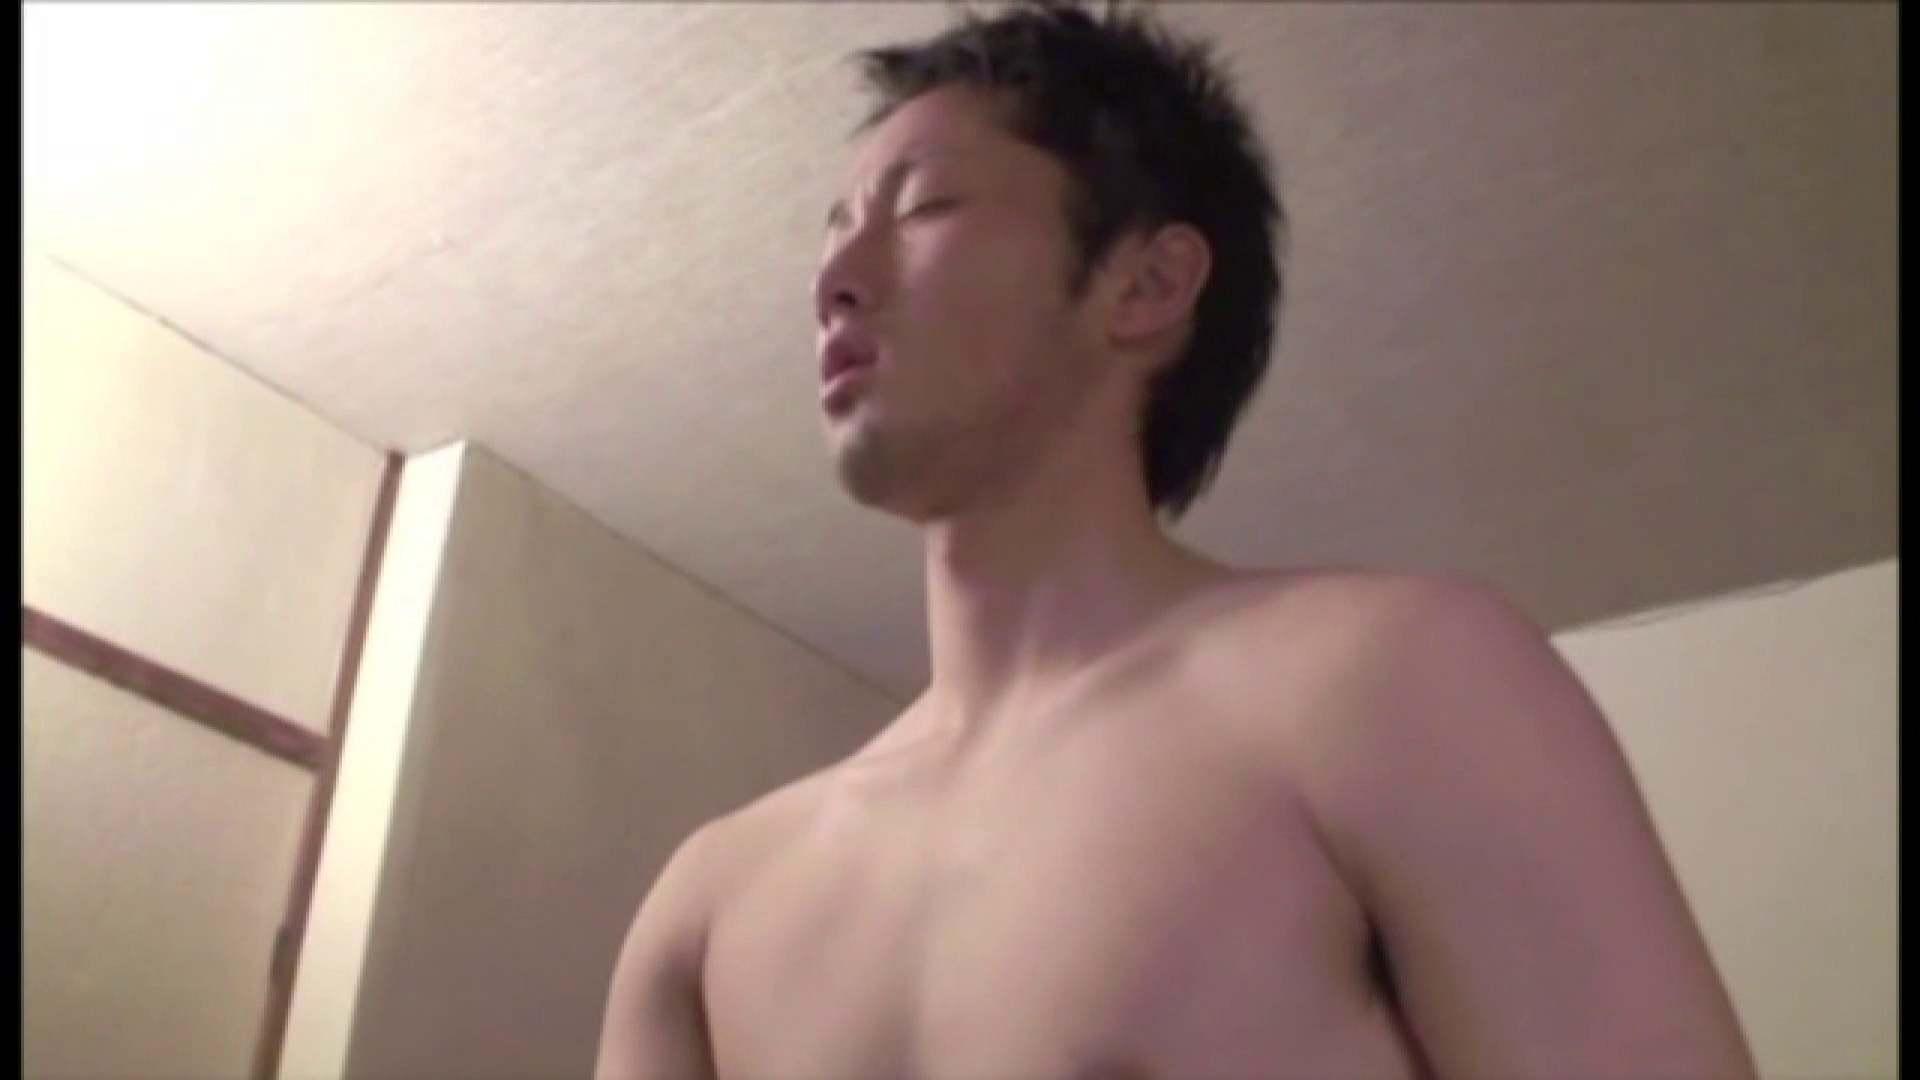 ノンケイケメンの欲望と肉棒 Vol.23 イケメンのsex | ノンケボーイズ  91pic 26